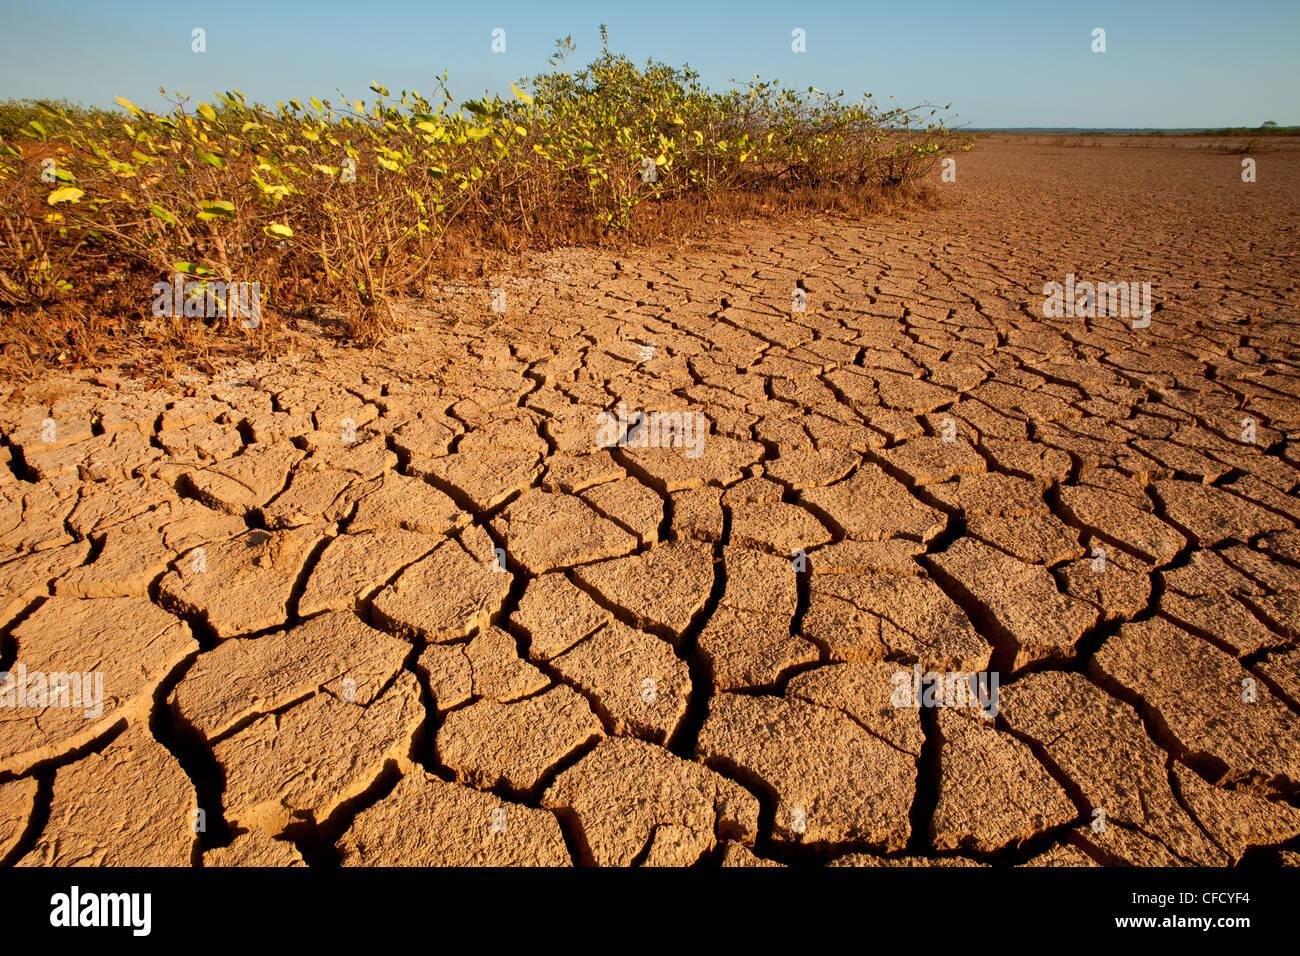 Massa fessurato in Sarigua national park (deserto) in Herrera provincia, Repubblica di Panama. Immagini Stock